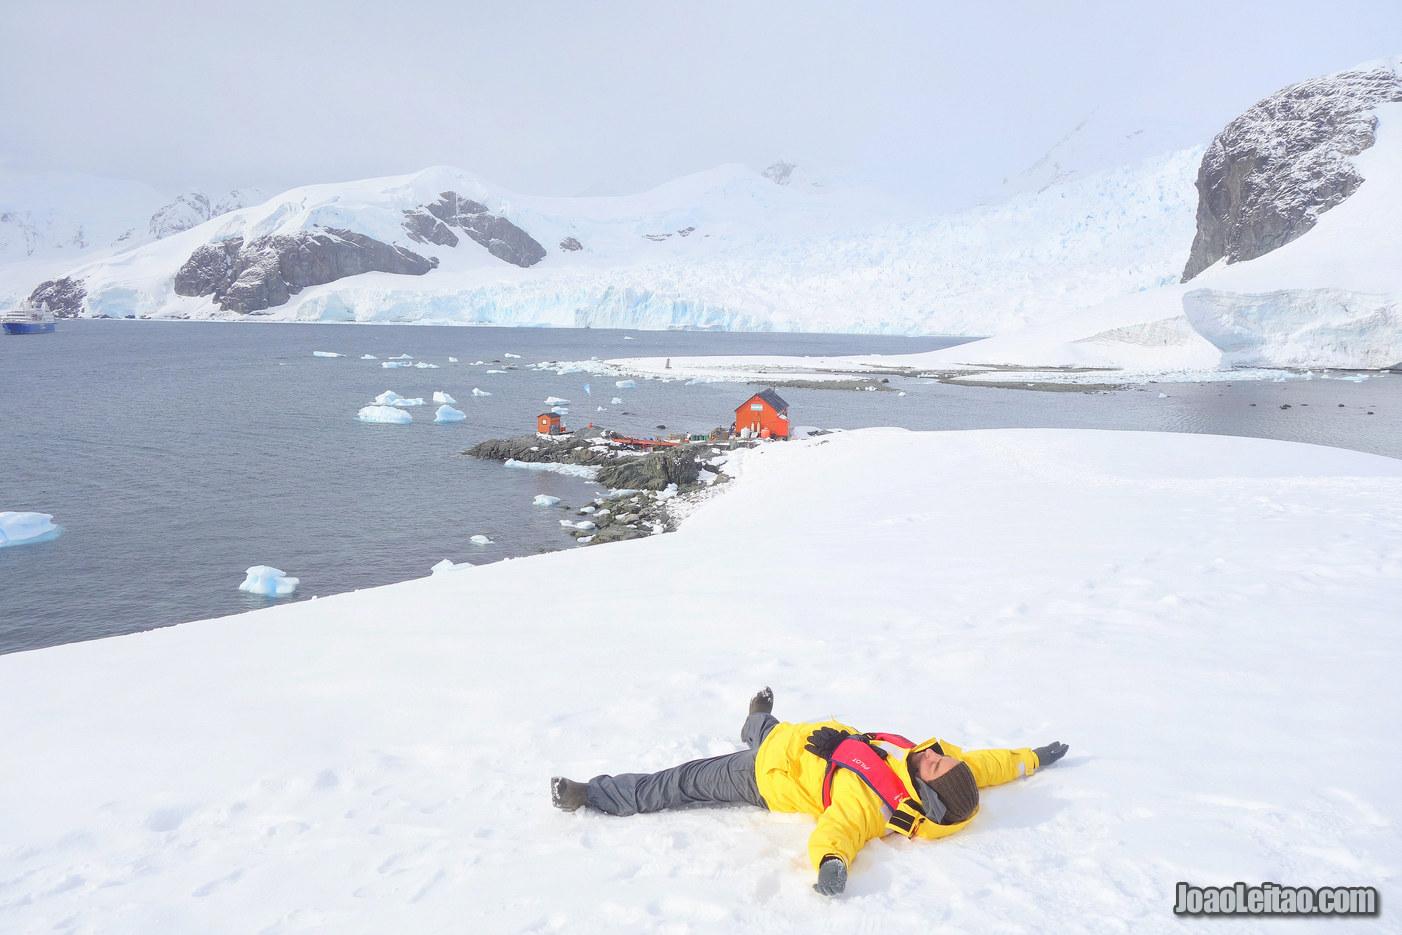 Deslizar na Neve na Antártida